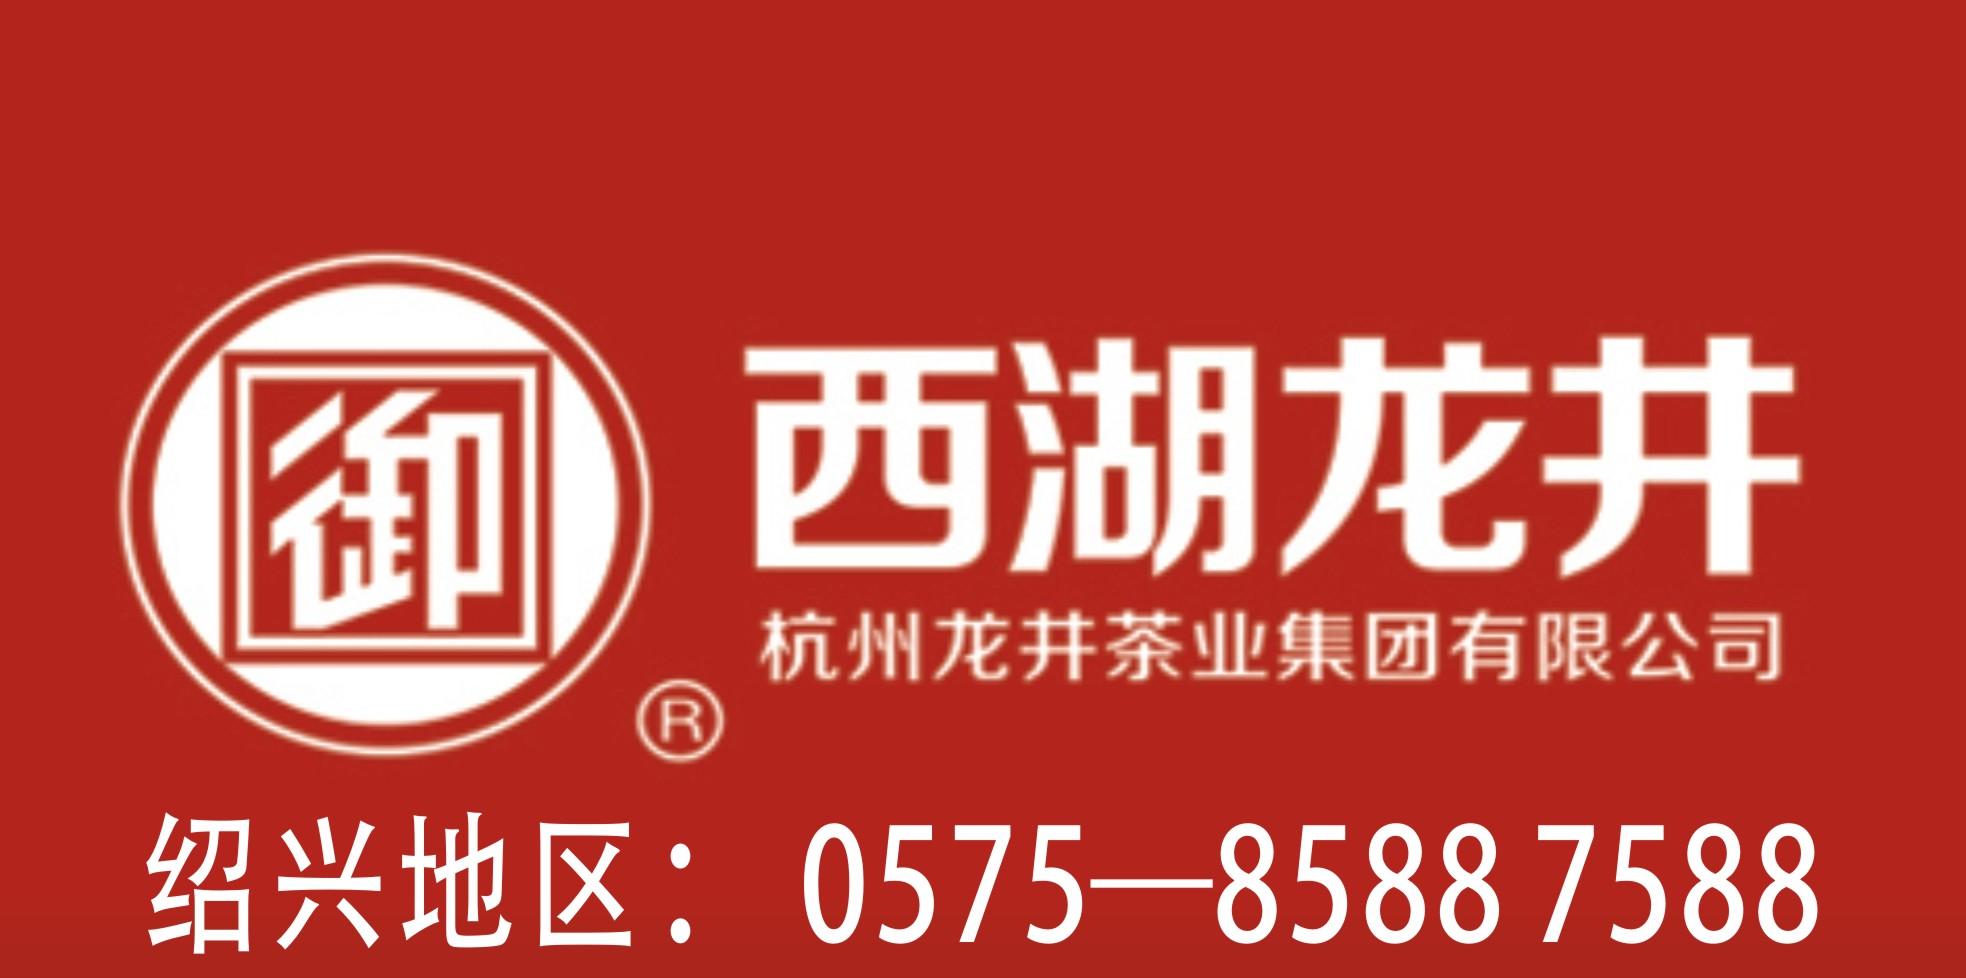 御牌西湖龙井茶叶专卖店——****名品牌